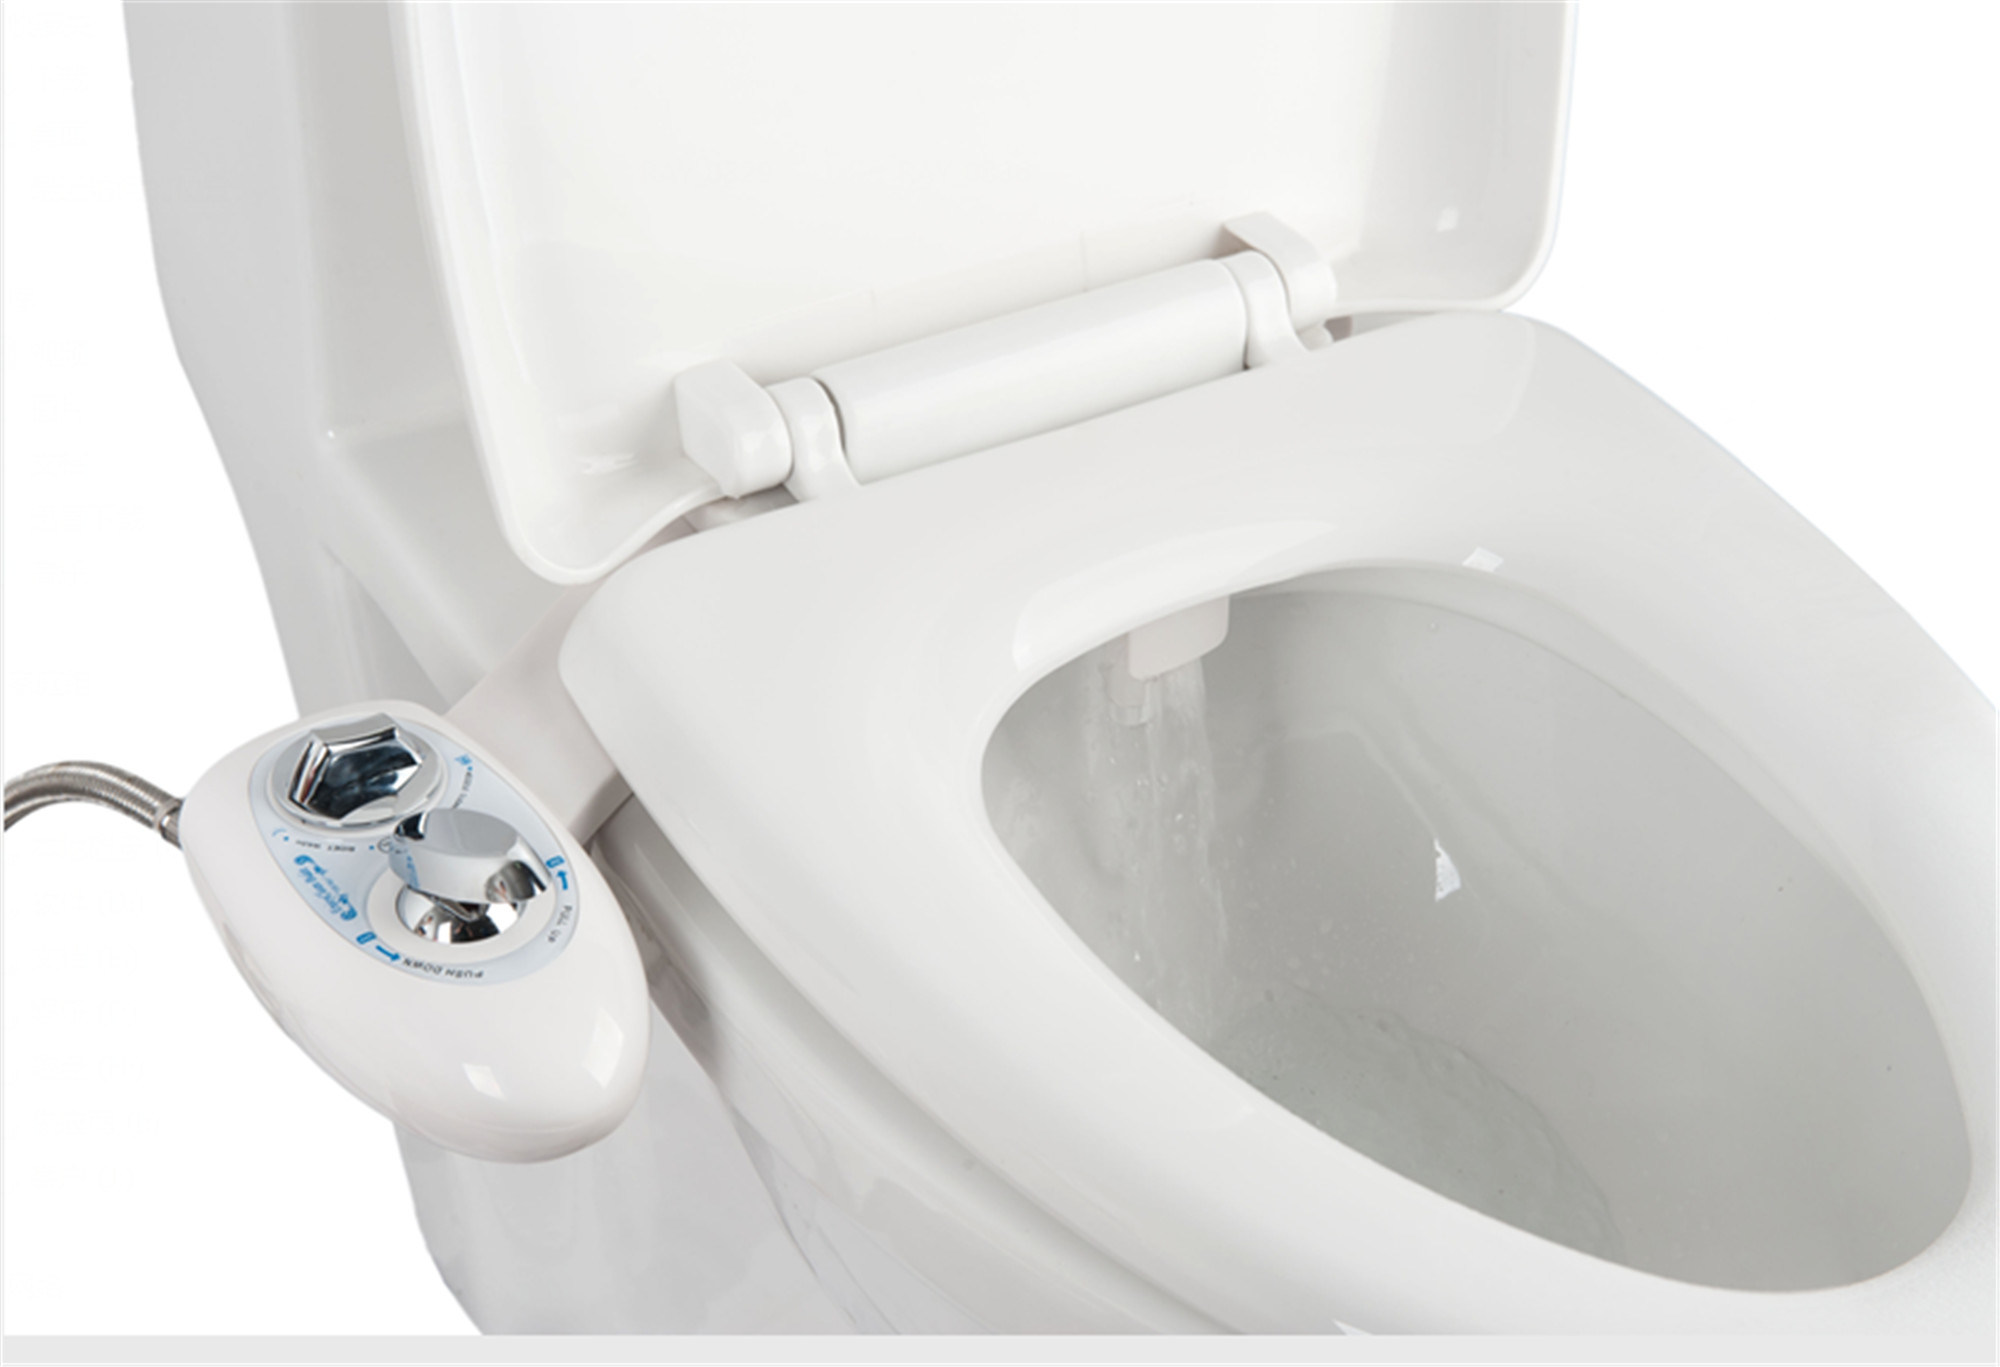 Chinese Bidet Good Quality Double Nozzle Bidet - China Bidet, Washlet